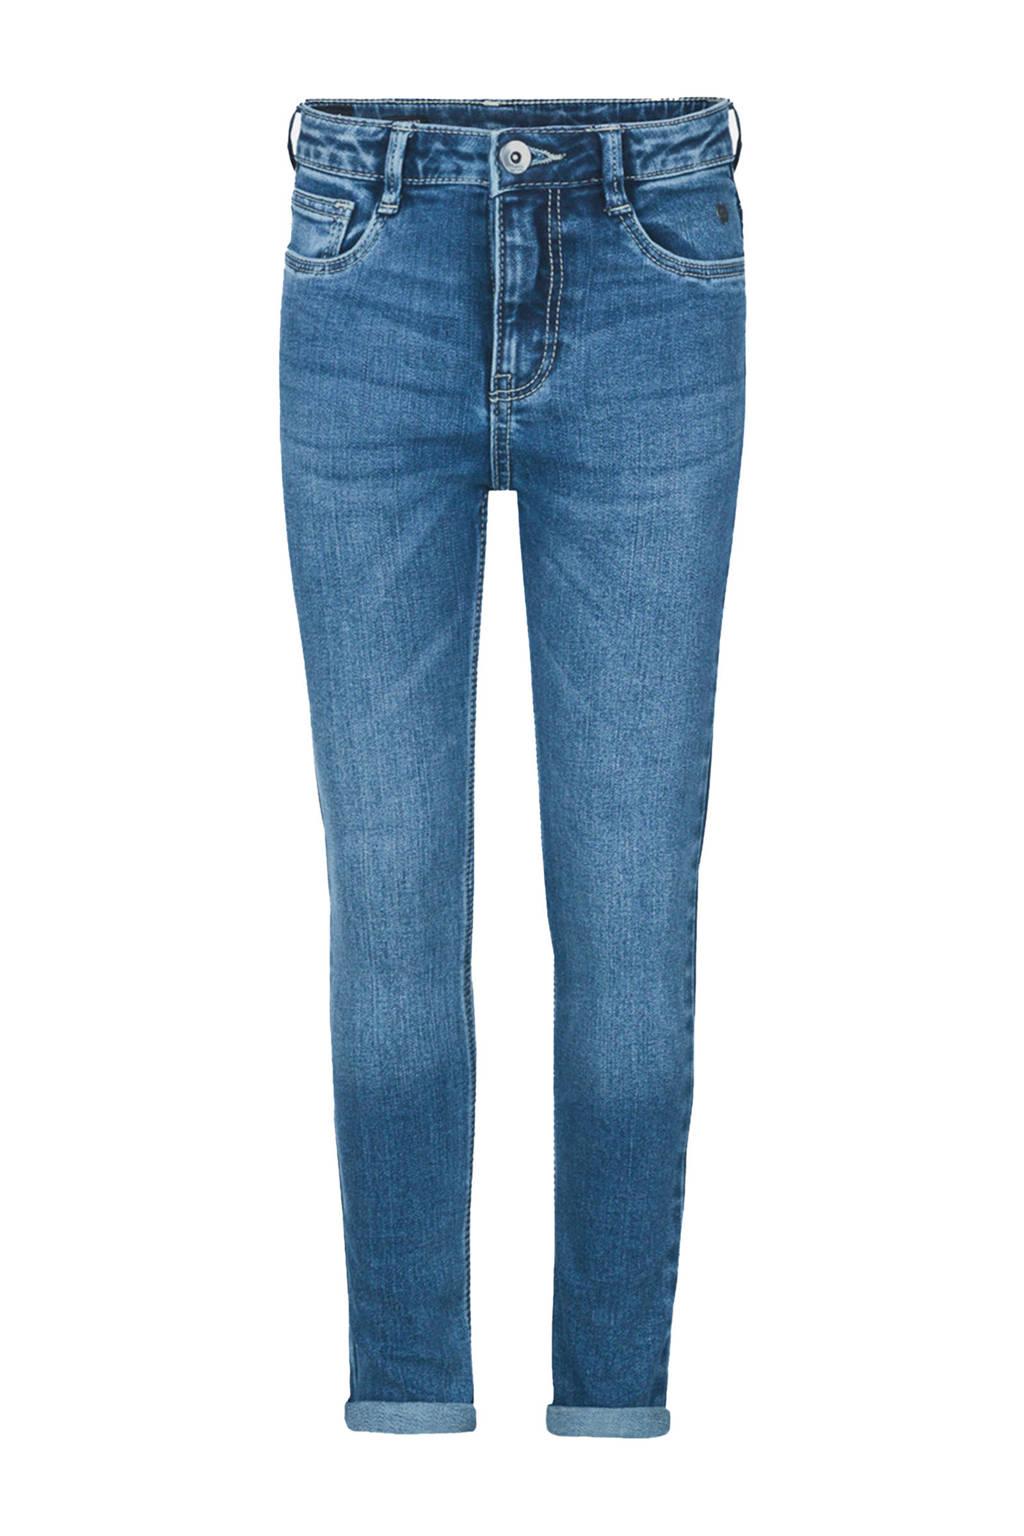 Jill & Mitch by Shoeby high waist skinny jeans Milou blauw, Blauw